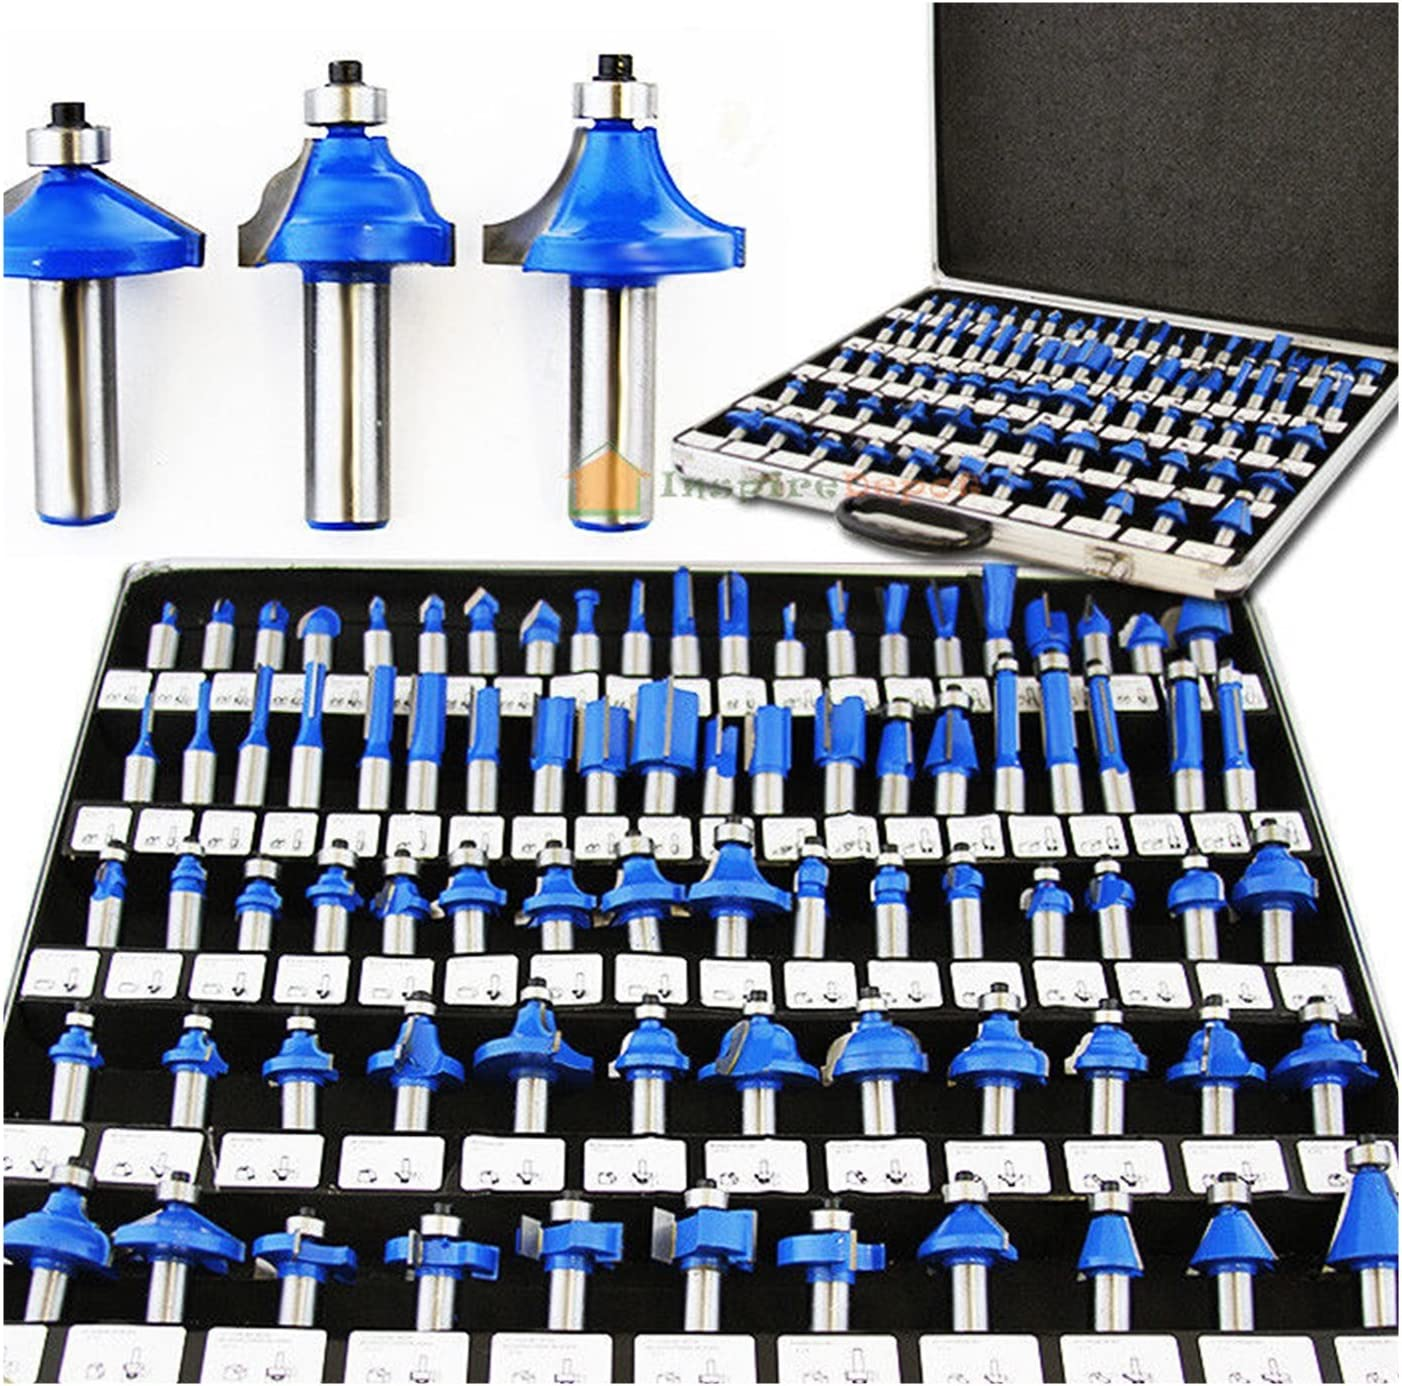 80 Pc Tungsten Carbide Router Bit Set 1//4 Shank W//3 Point Blades Power Tools